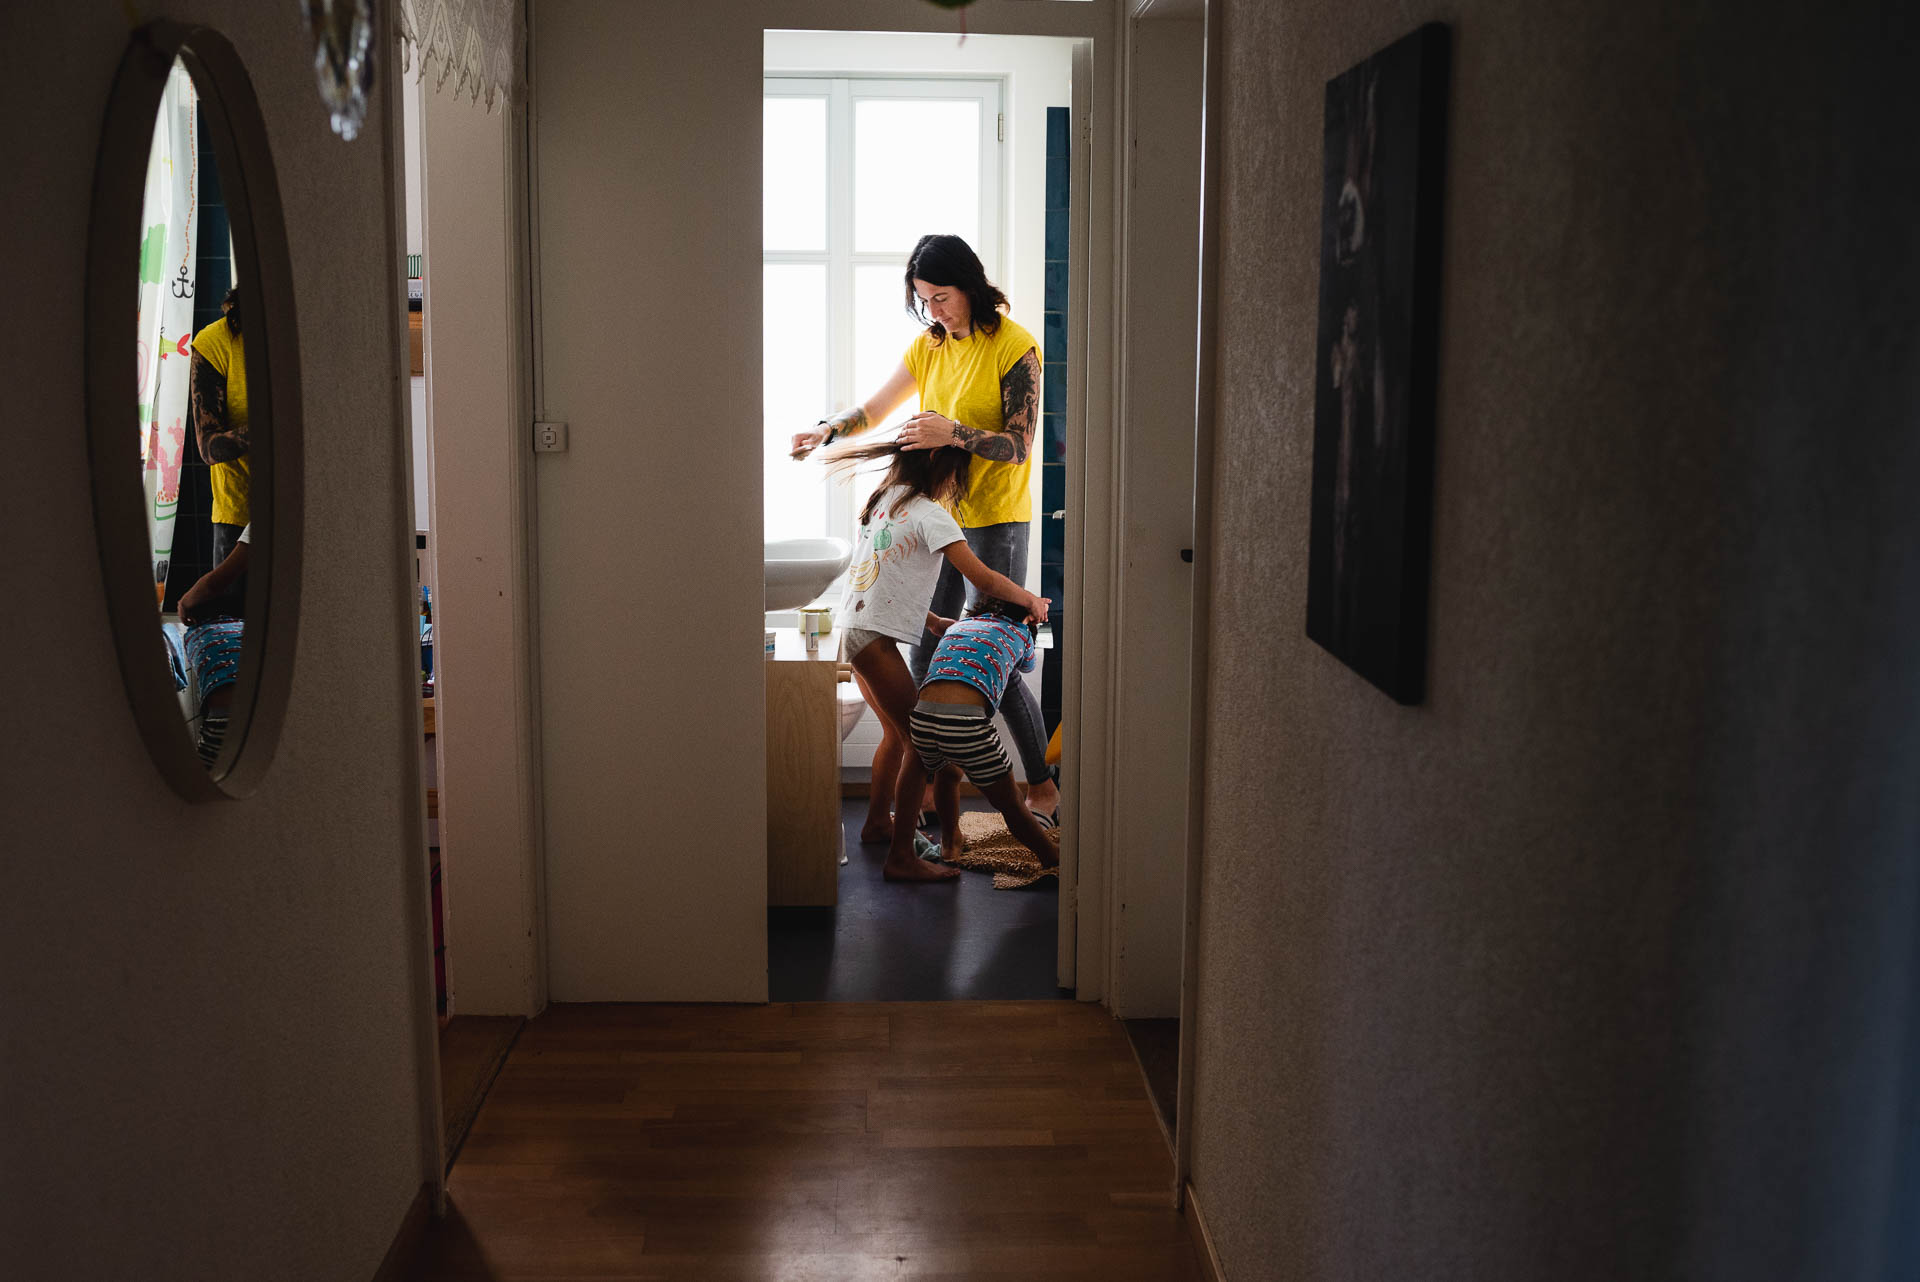 Ansicht durch das Korridor ins Badezimmer, wo eine Mutter die Haare der Tochter kämmt. Währenddessen der Sohn klemmt an ihren Beinen.